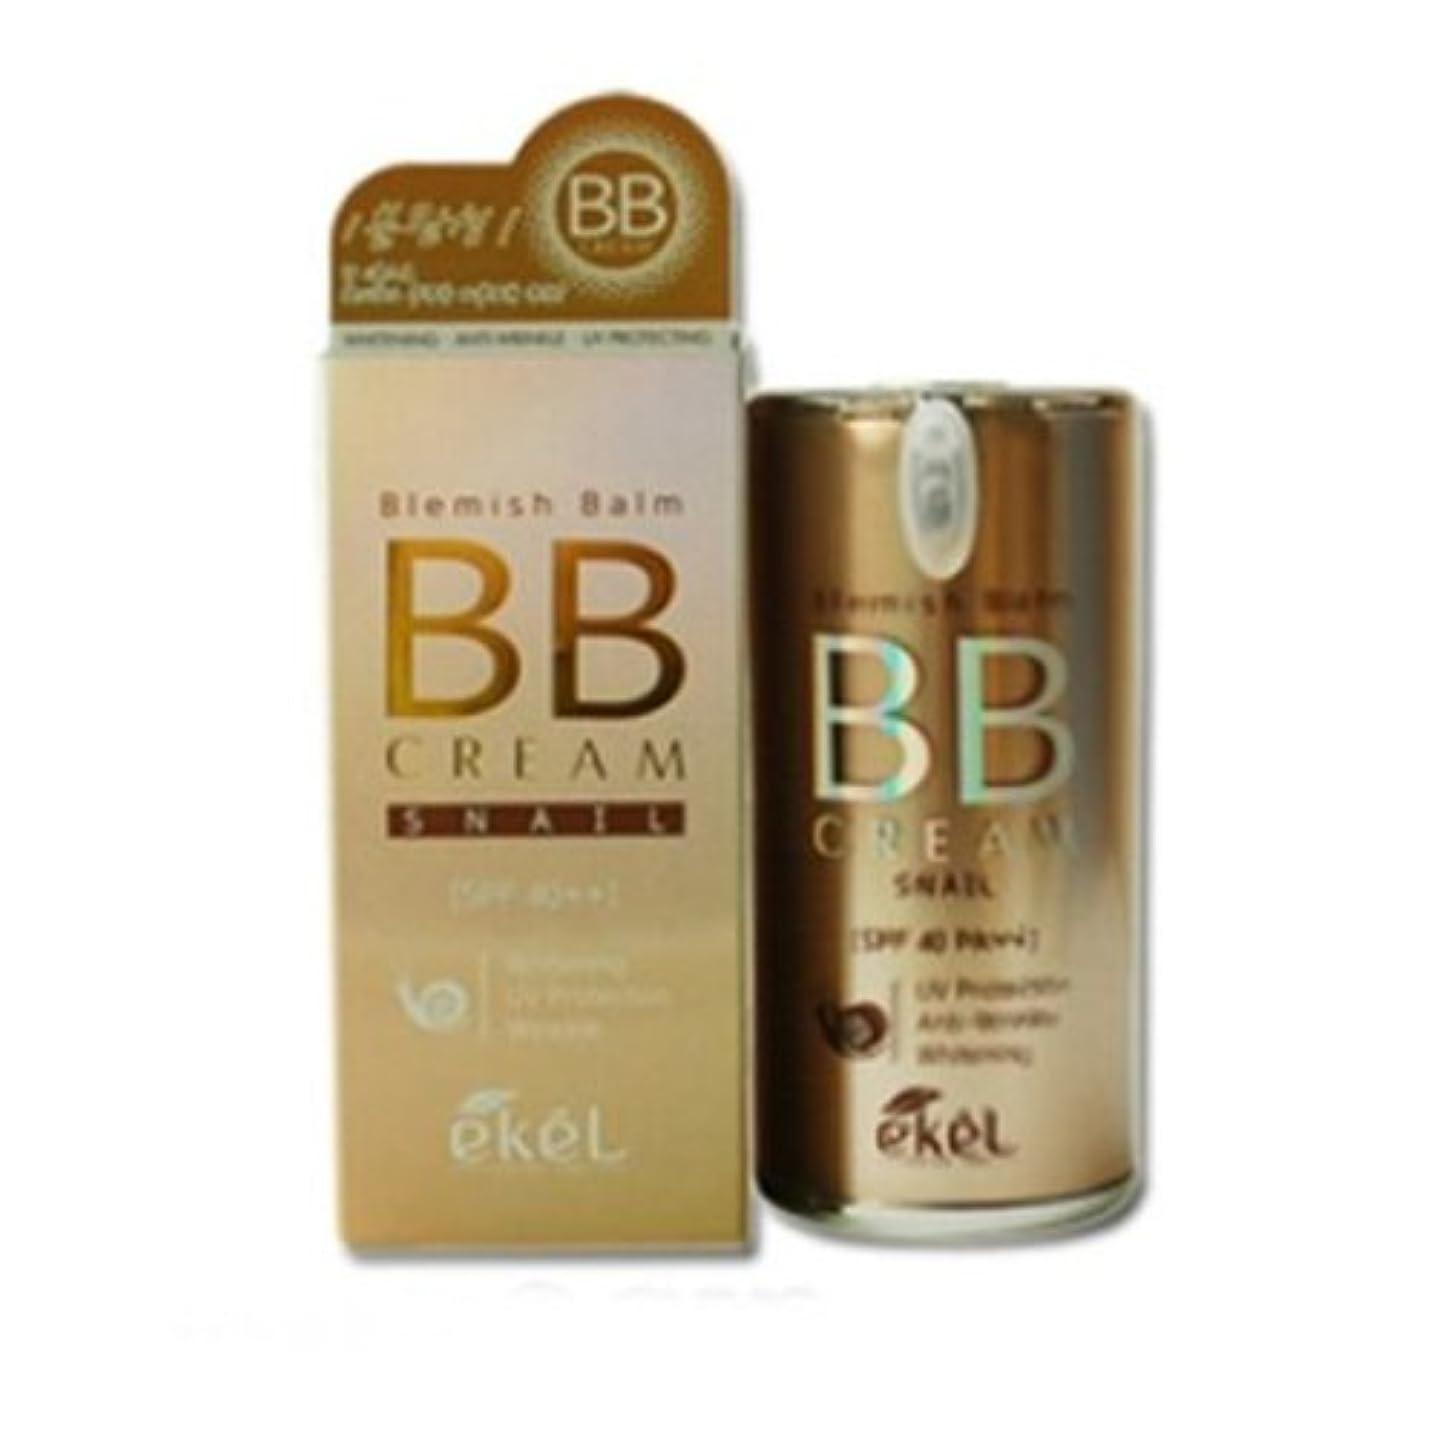 説得力のあるコンデンサースラッシュイケル[韓国コスメEkel]Blemish Balm Snail BB Cream ブレムスバームカタツムリBBクリーム50g SPF40 PA++[並行輸入品]